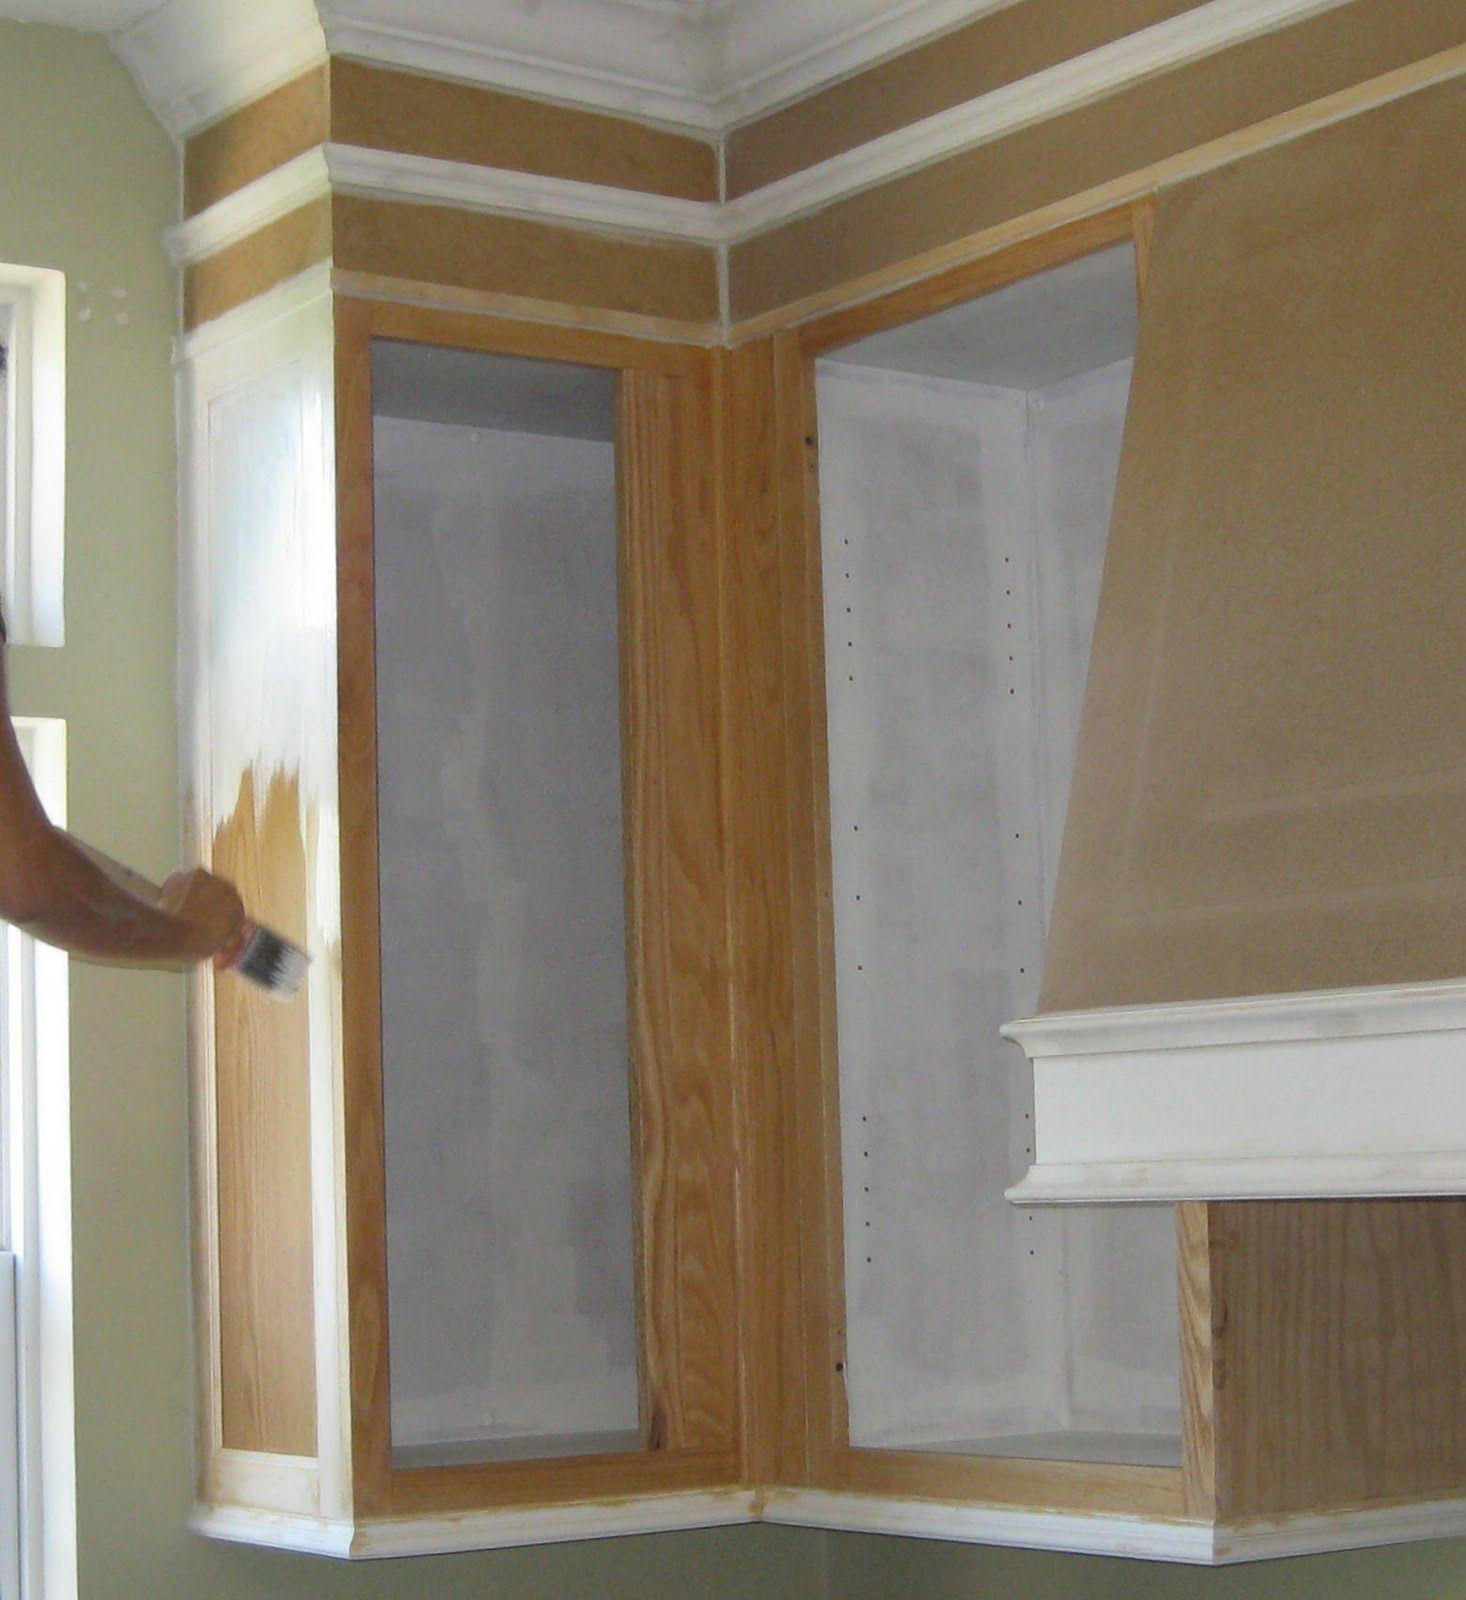 Remodelando La Casa Painting The Kitchen Cabinets Painting Kitchen Cabinets Painting Oak Cabinets Builder Grade Kitchen